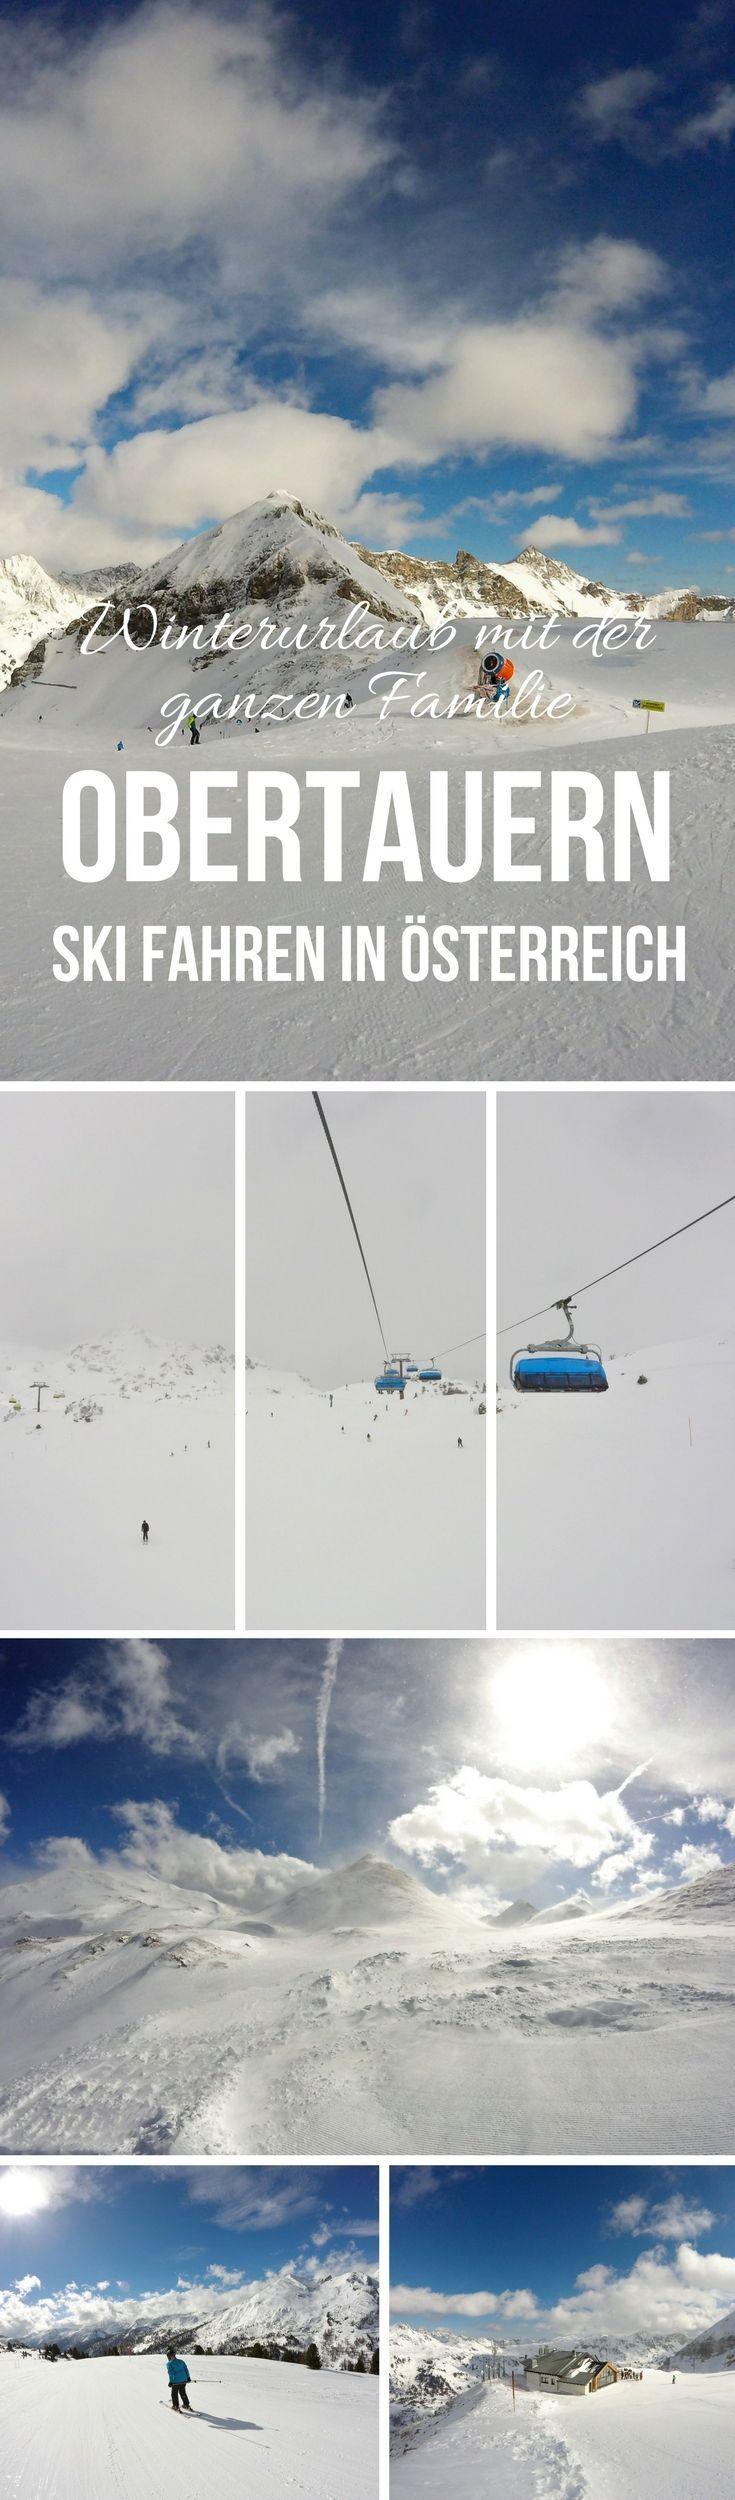 Ab in den #Winterurlaub nach #Obertauern in #Österreich zum #Skifahren. Egal ob #Ski oder #Snowboard, hier kommt jeder auf seine Kosten!